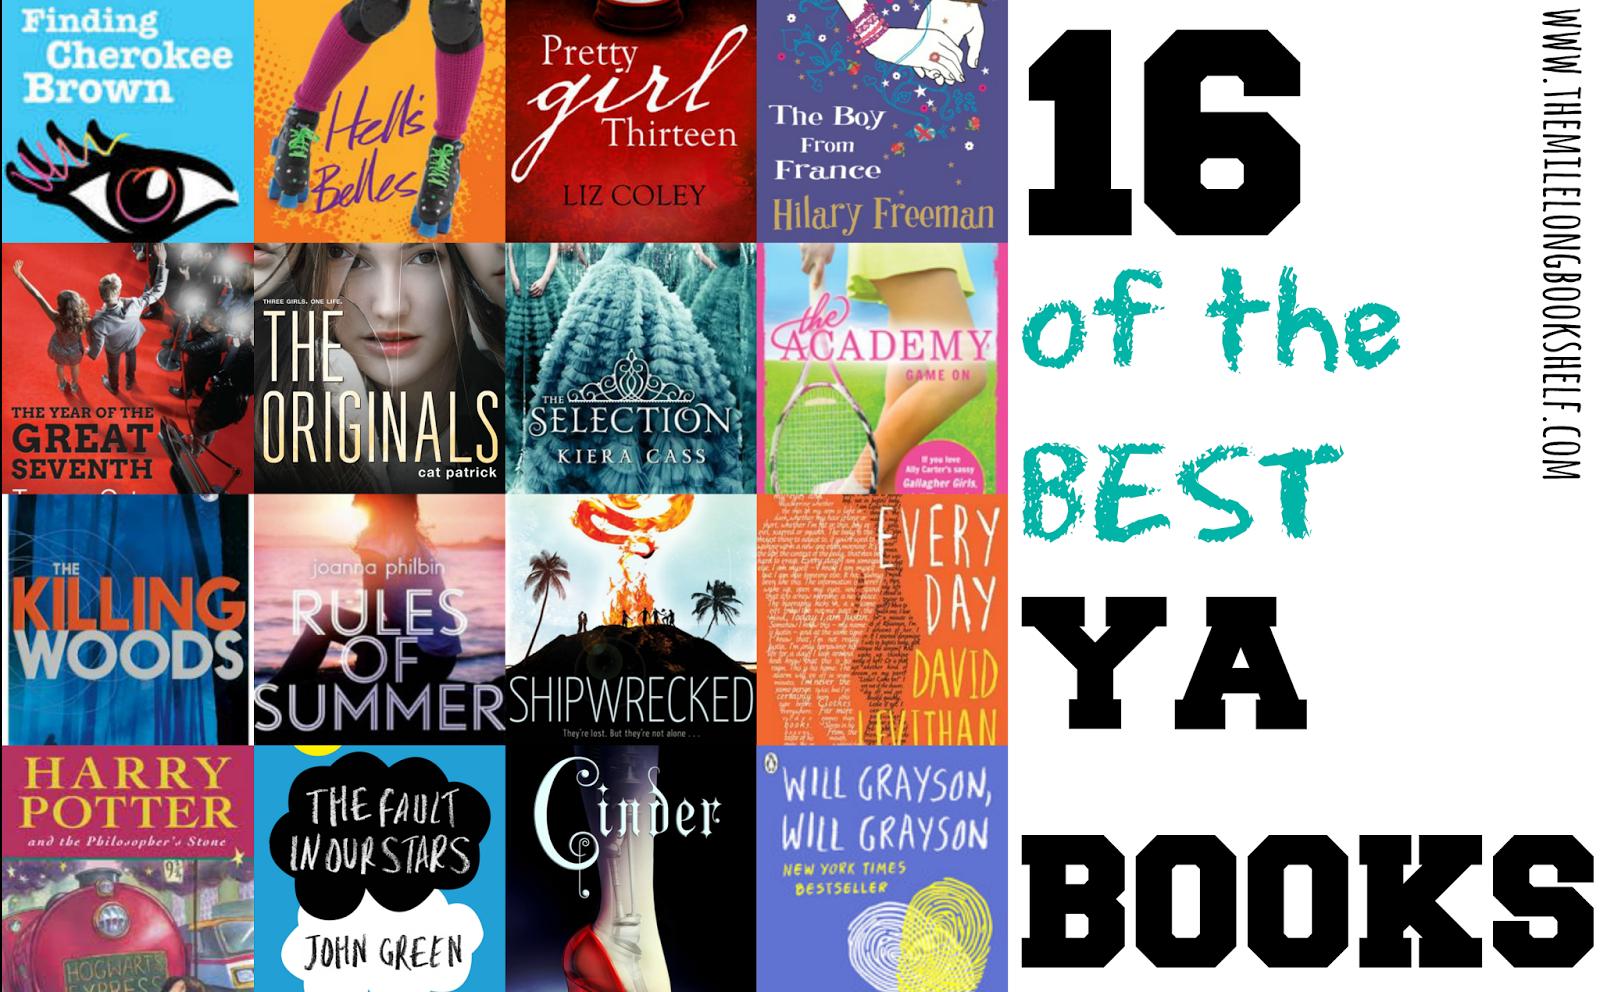 Best ya books of 2014